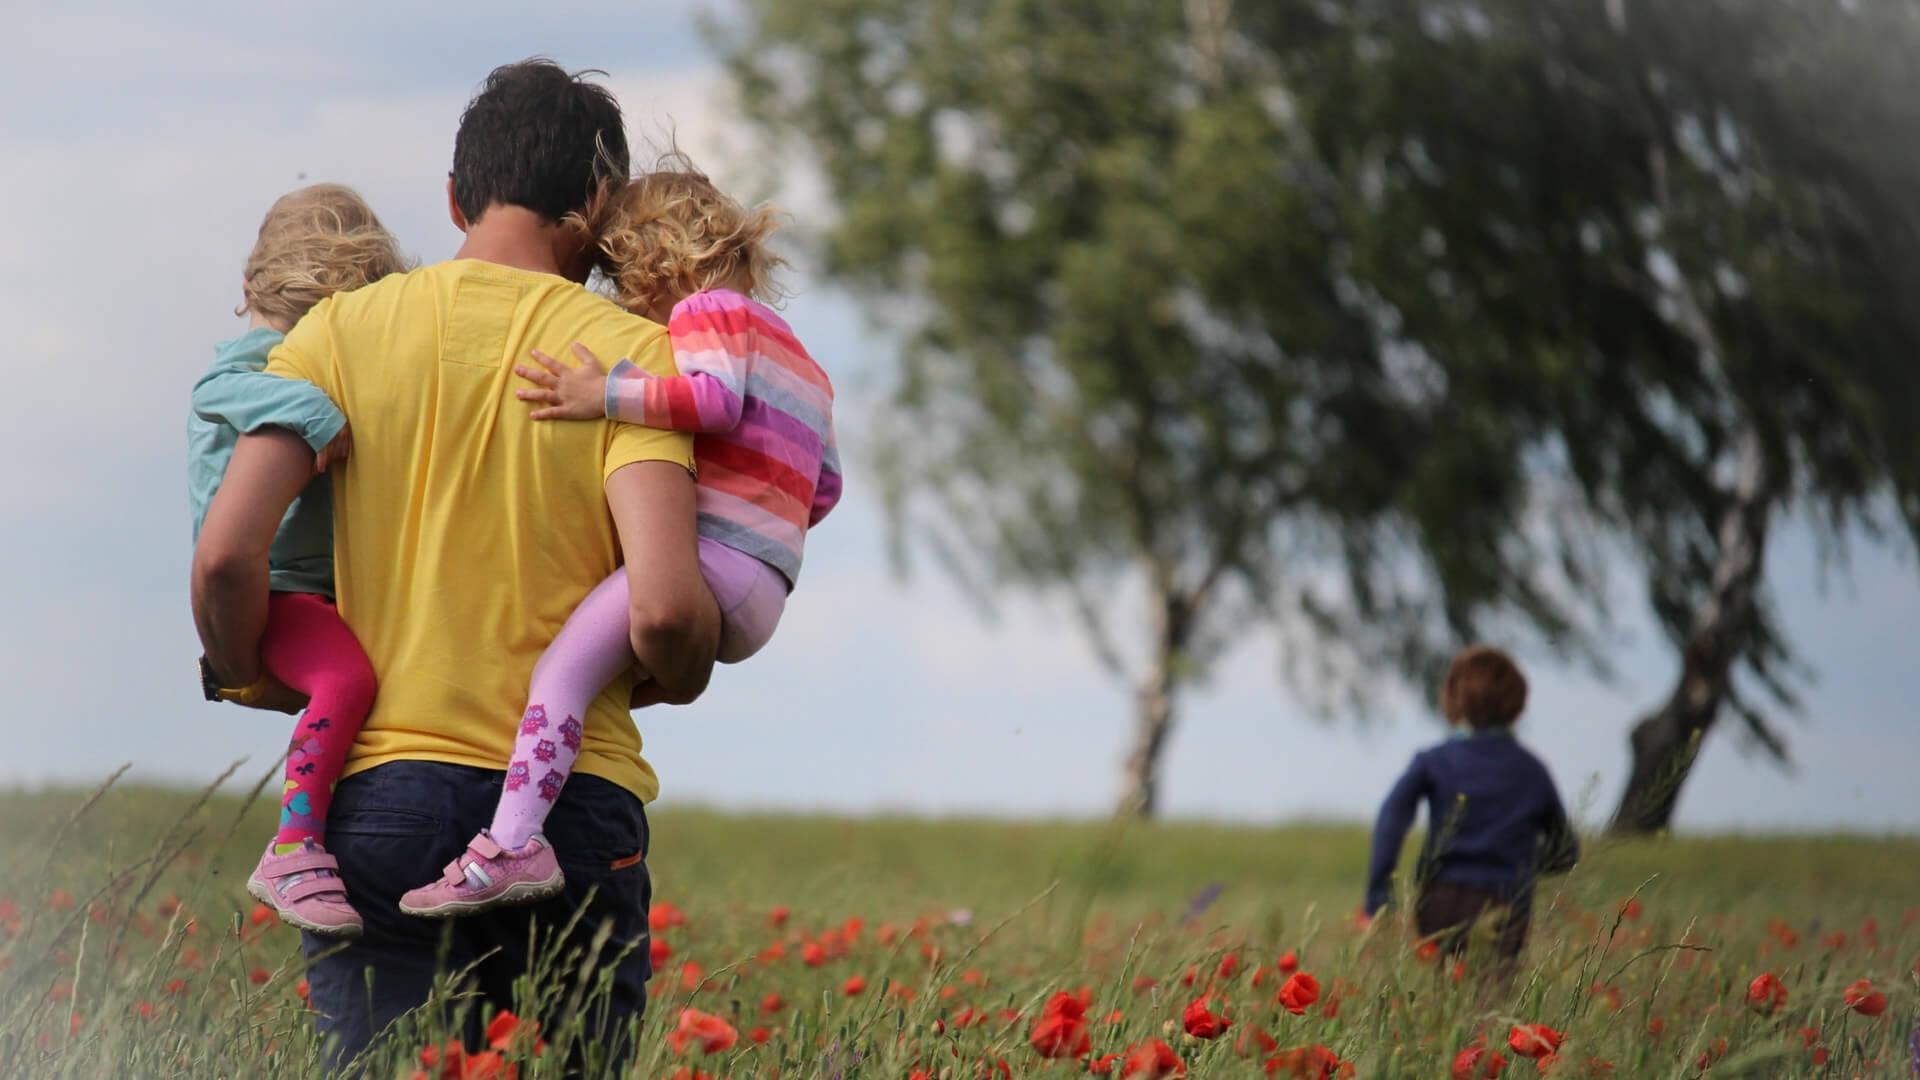 Familienurlaub in Marburg - Urlaub mit Kindern im schönen Marburg